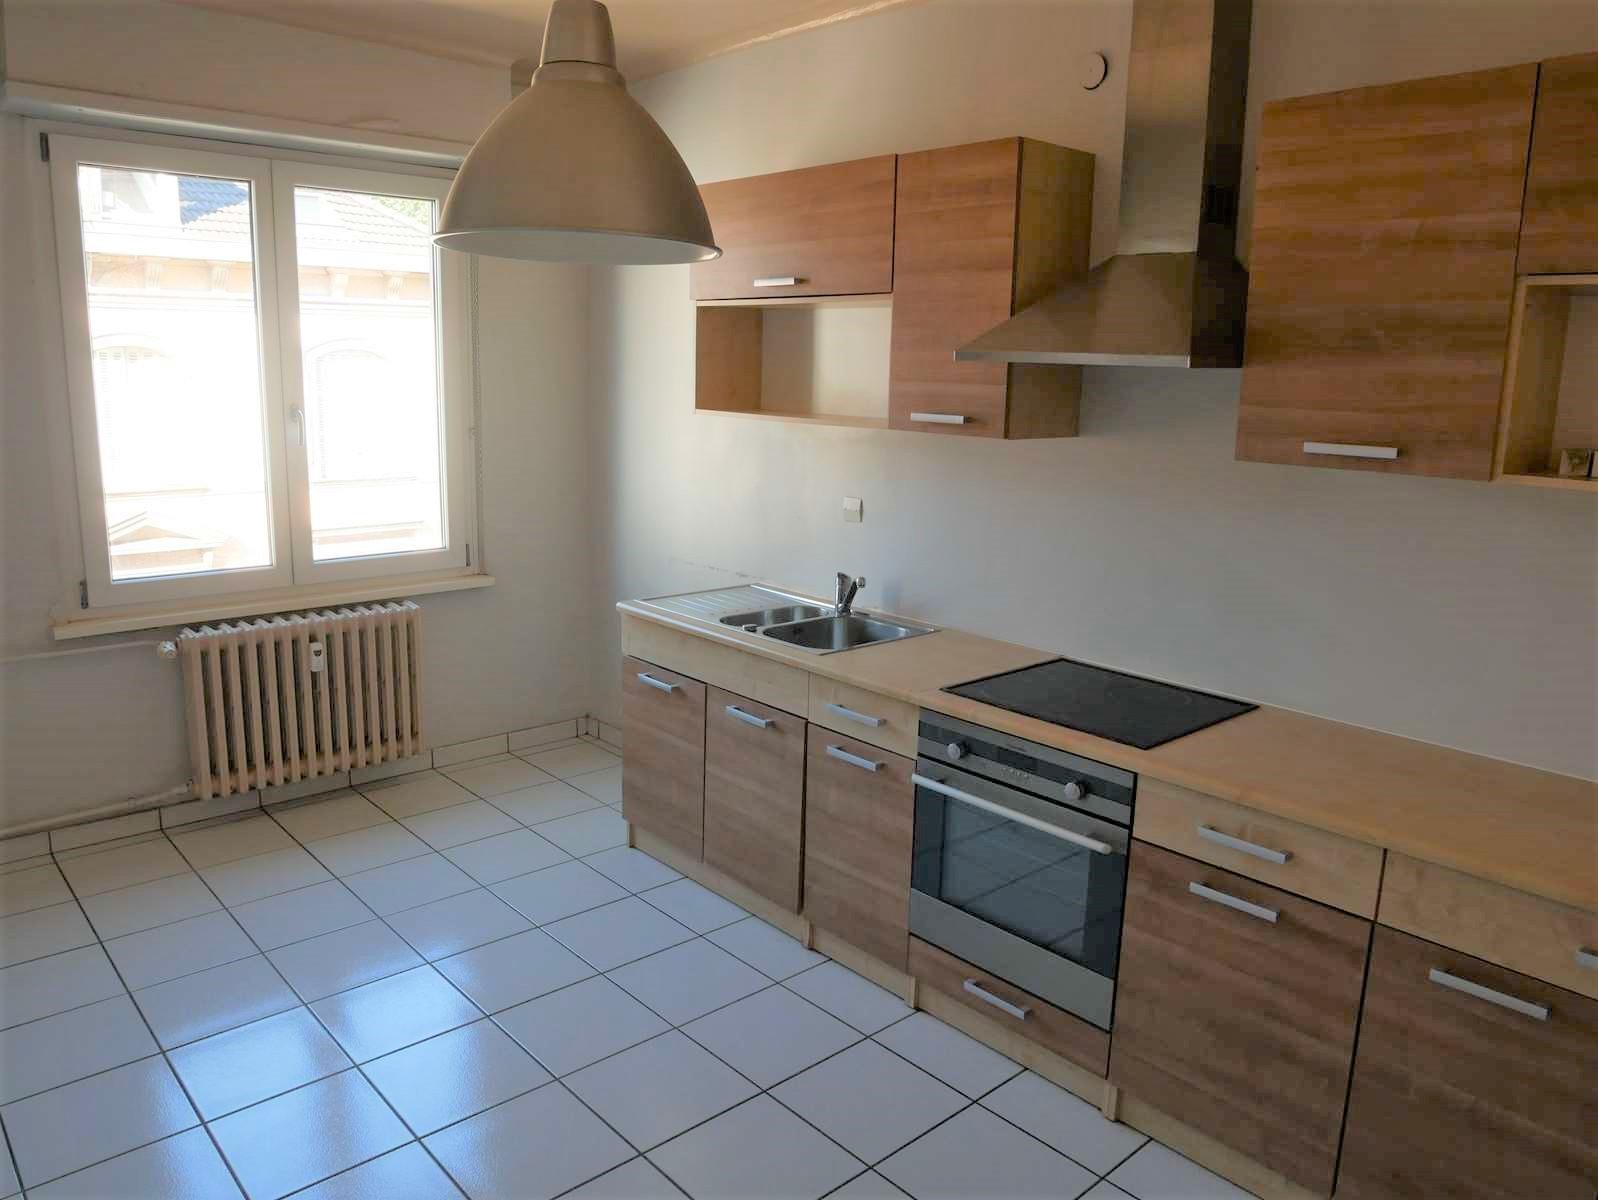 [Shiny] Lumineux 2 pièces avec balcon - Halles / rue de Bouxwiller - nos locations - Beausite Immobilier 3